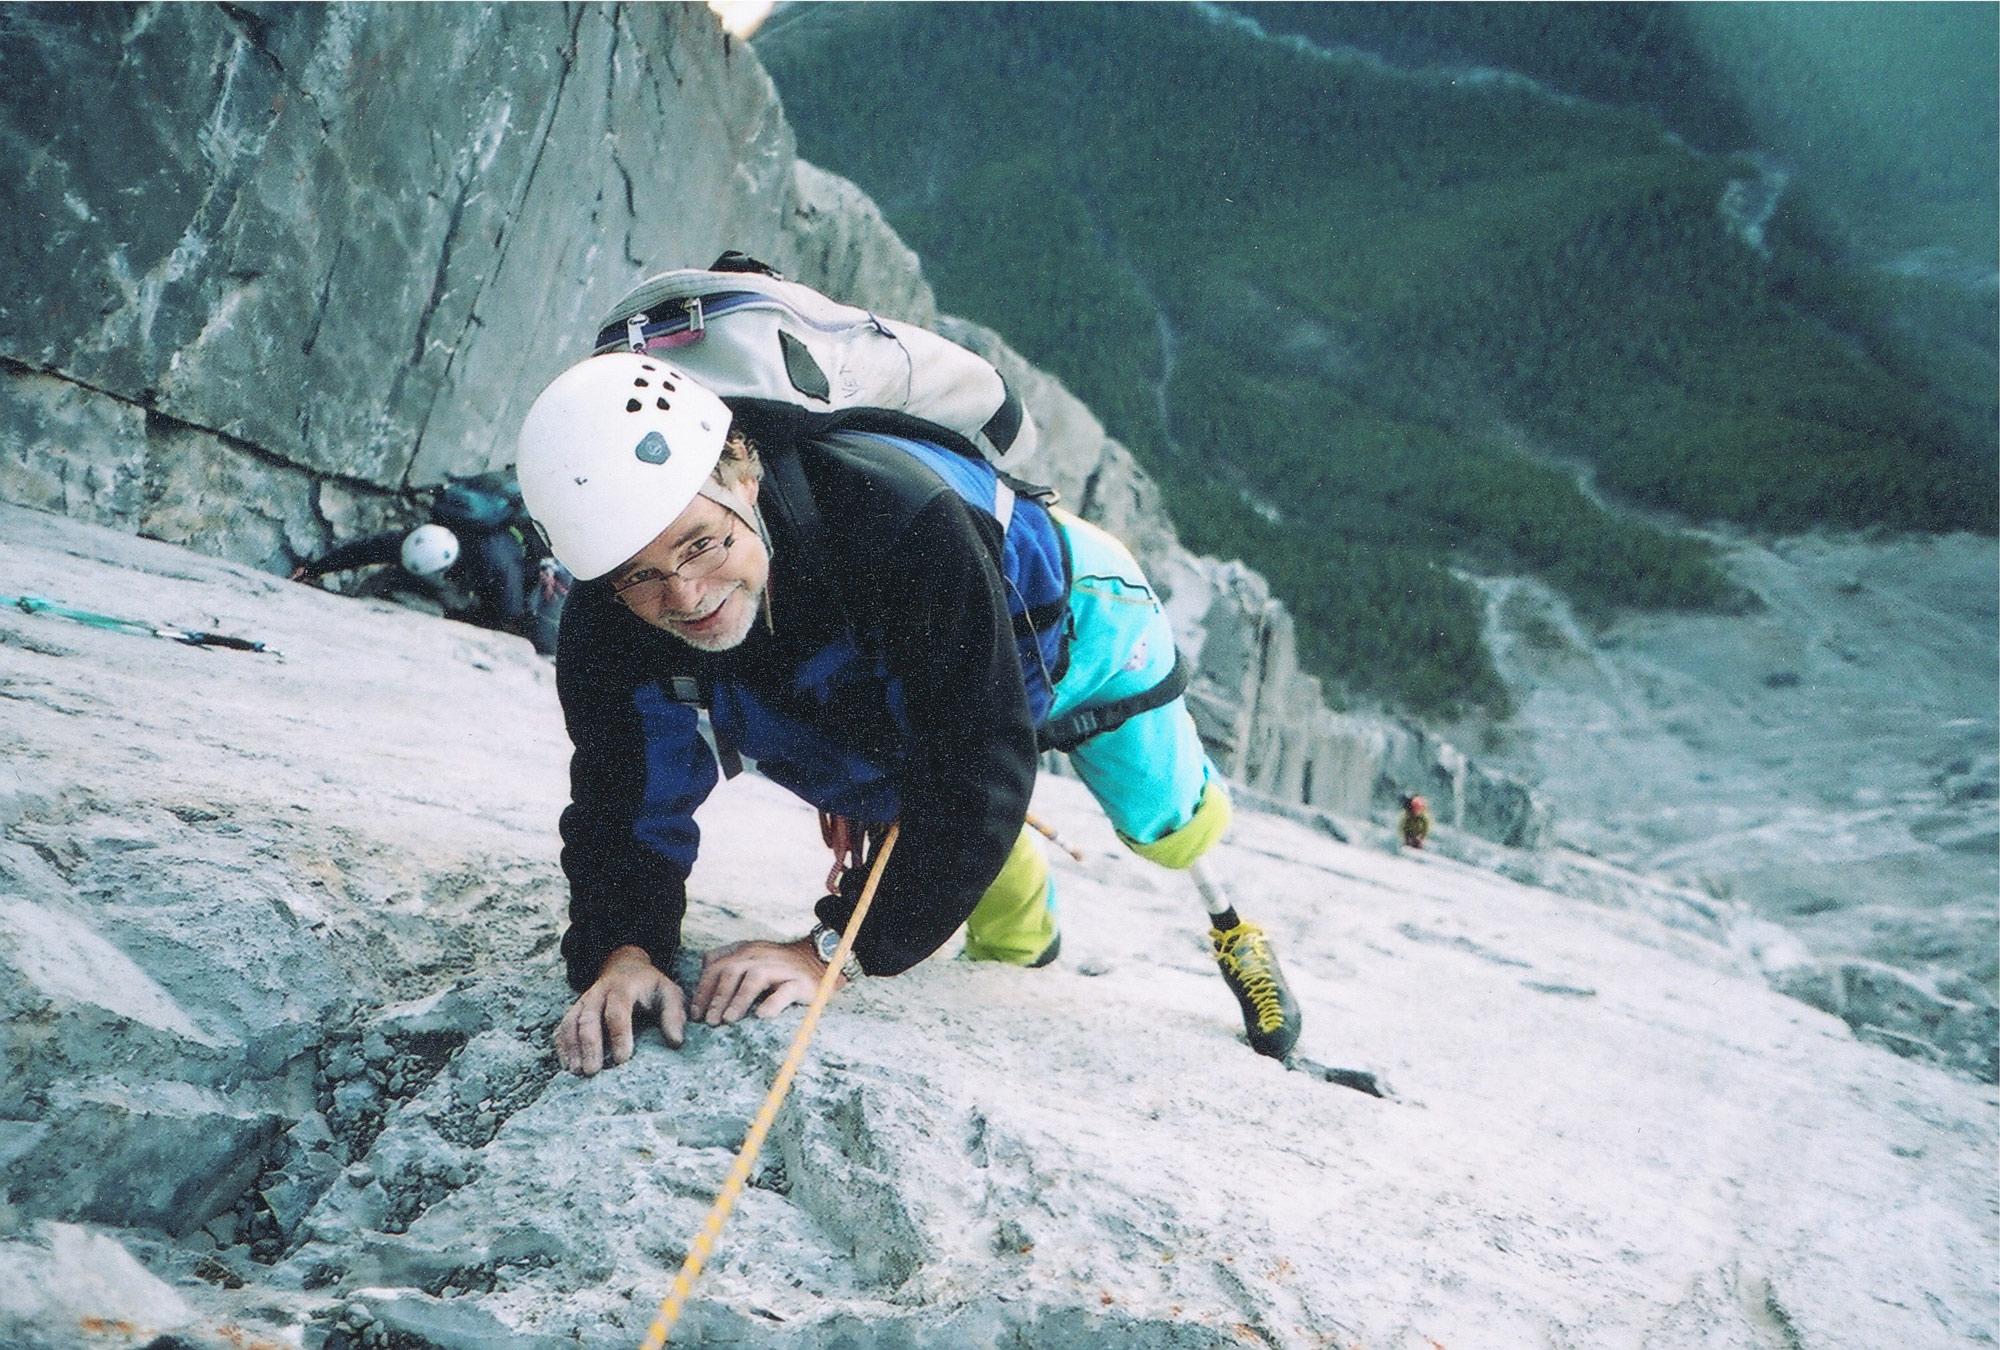 Klettern am Hau Ling Peak Canada 2004. Ein Jahr nach der Amputation mit der Kletter- Prothese 2004 am Ha-Ling Peak/Canadien Rockies. Foto: Kirsten Knechtl I bergundsteigen.blog